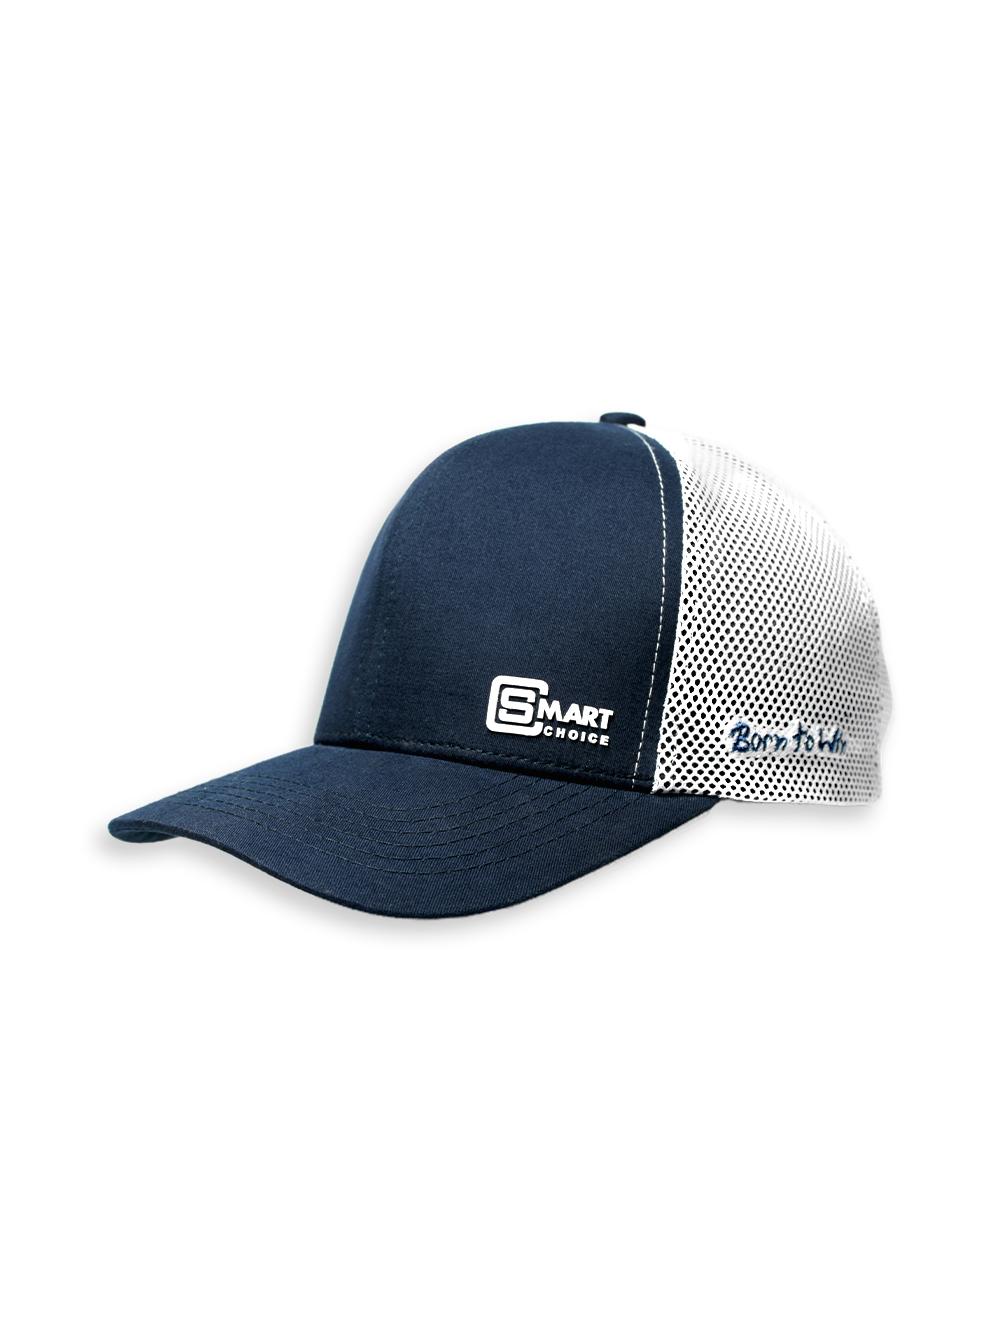 Boné Smart Azul marinho e Branco com Bordado Smart Choice